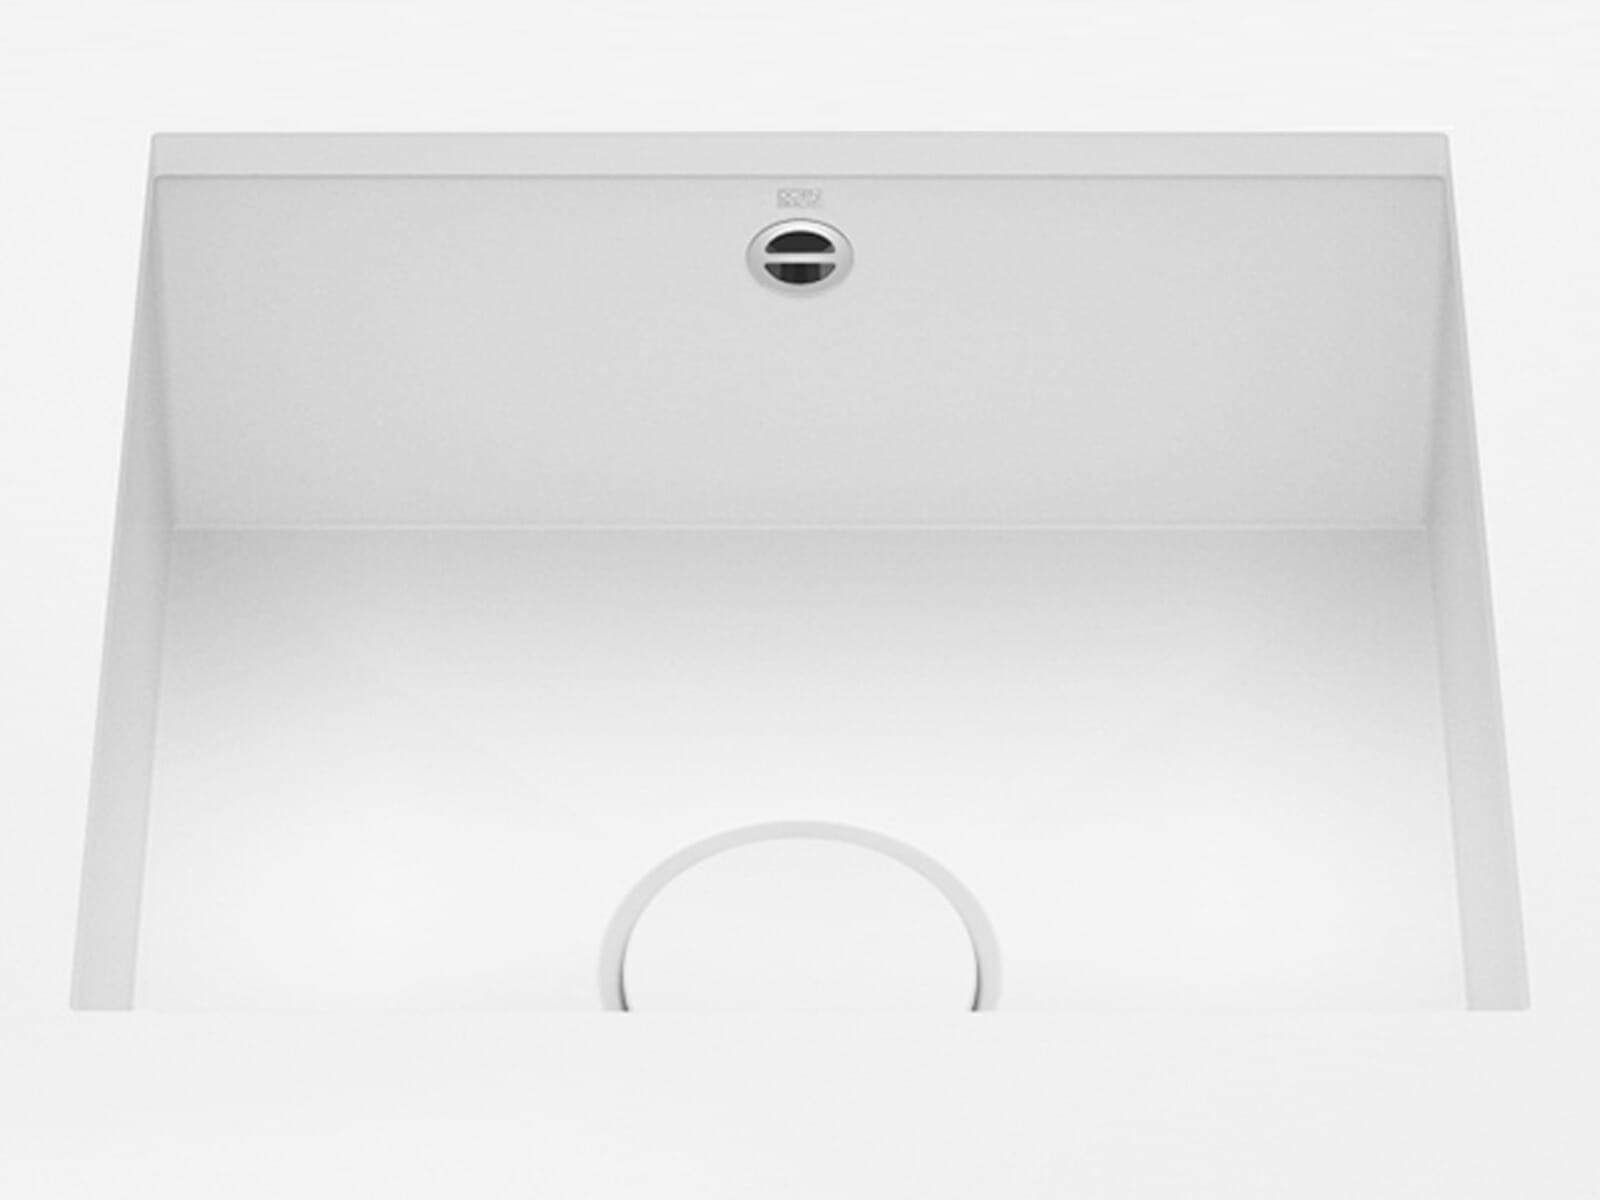 Dornbracht Unterbau-Spüle Glasierter Stahl Weiß Matt 38450002-62